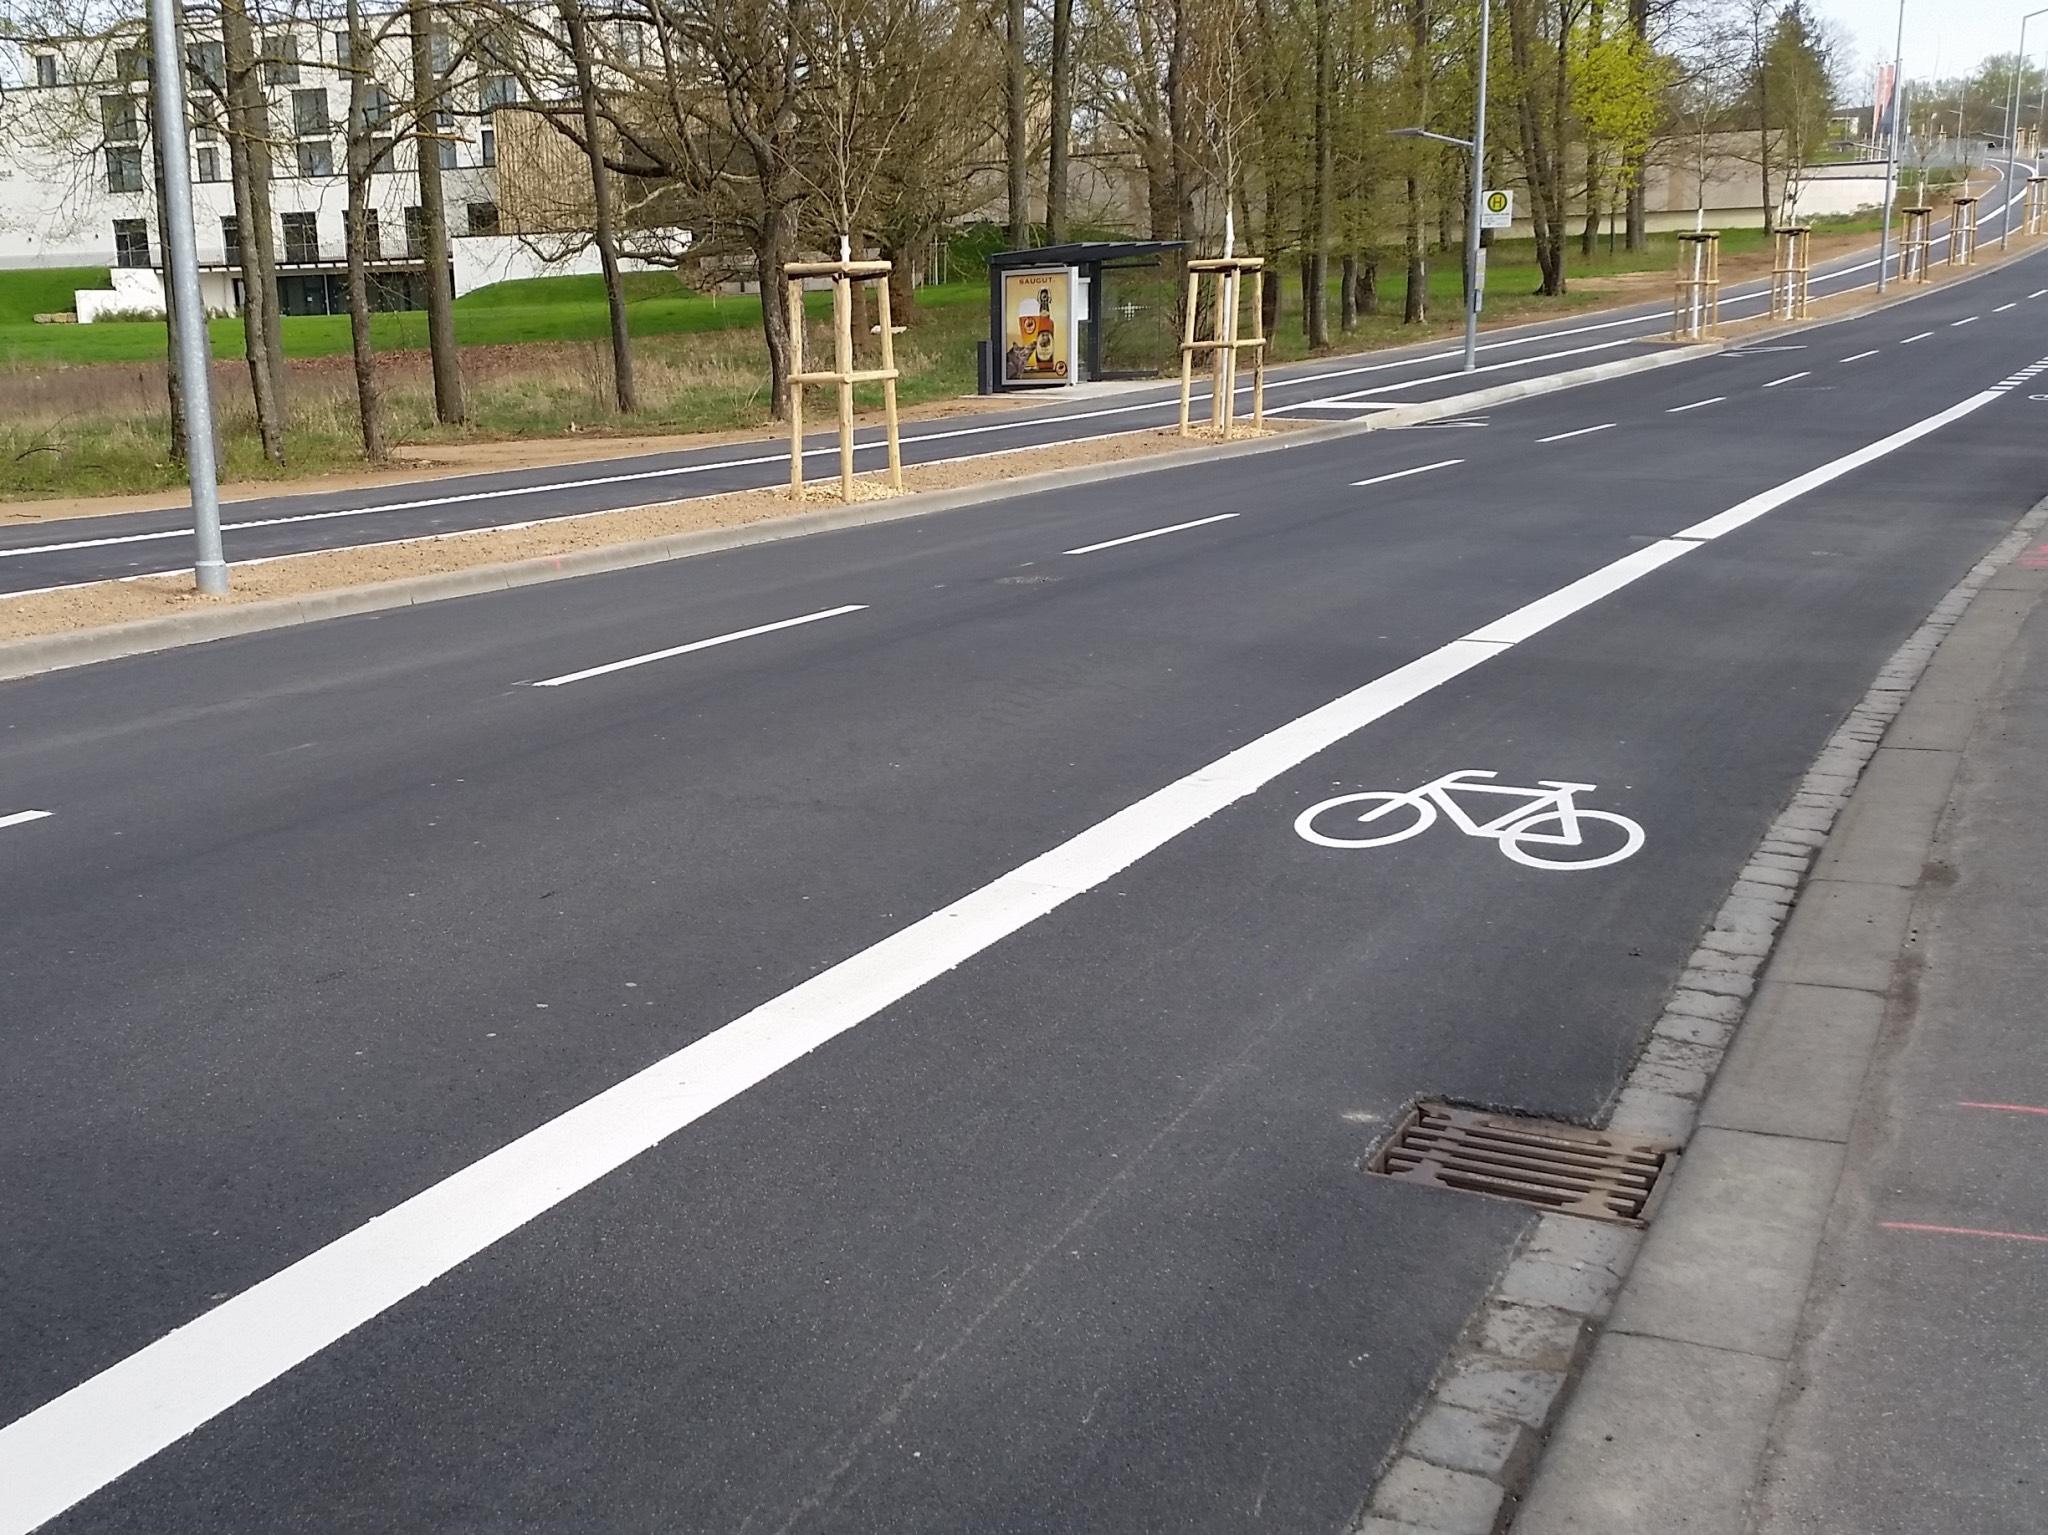 Radfahrstreifen mit durchgezogener Linie. Foto: Adrien Cochet-Weinandt